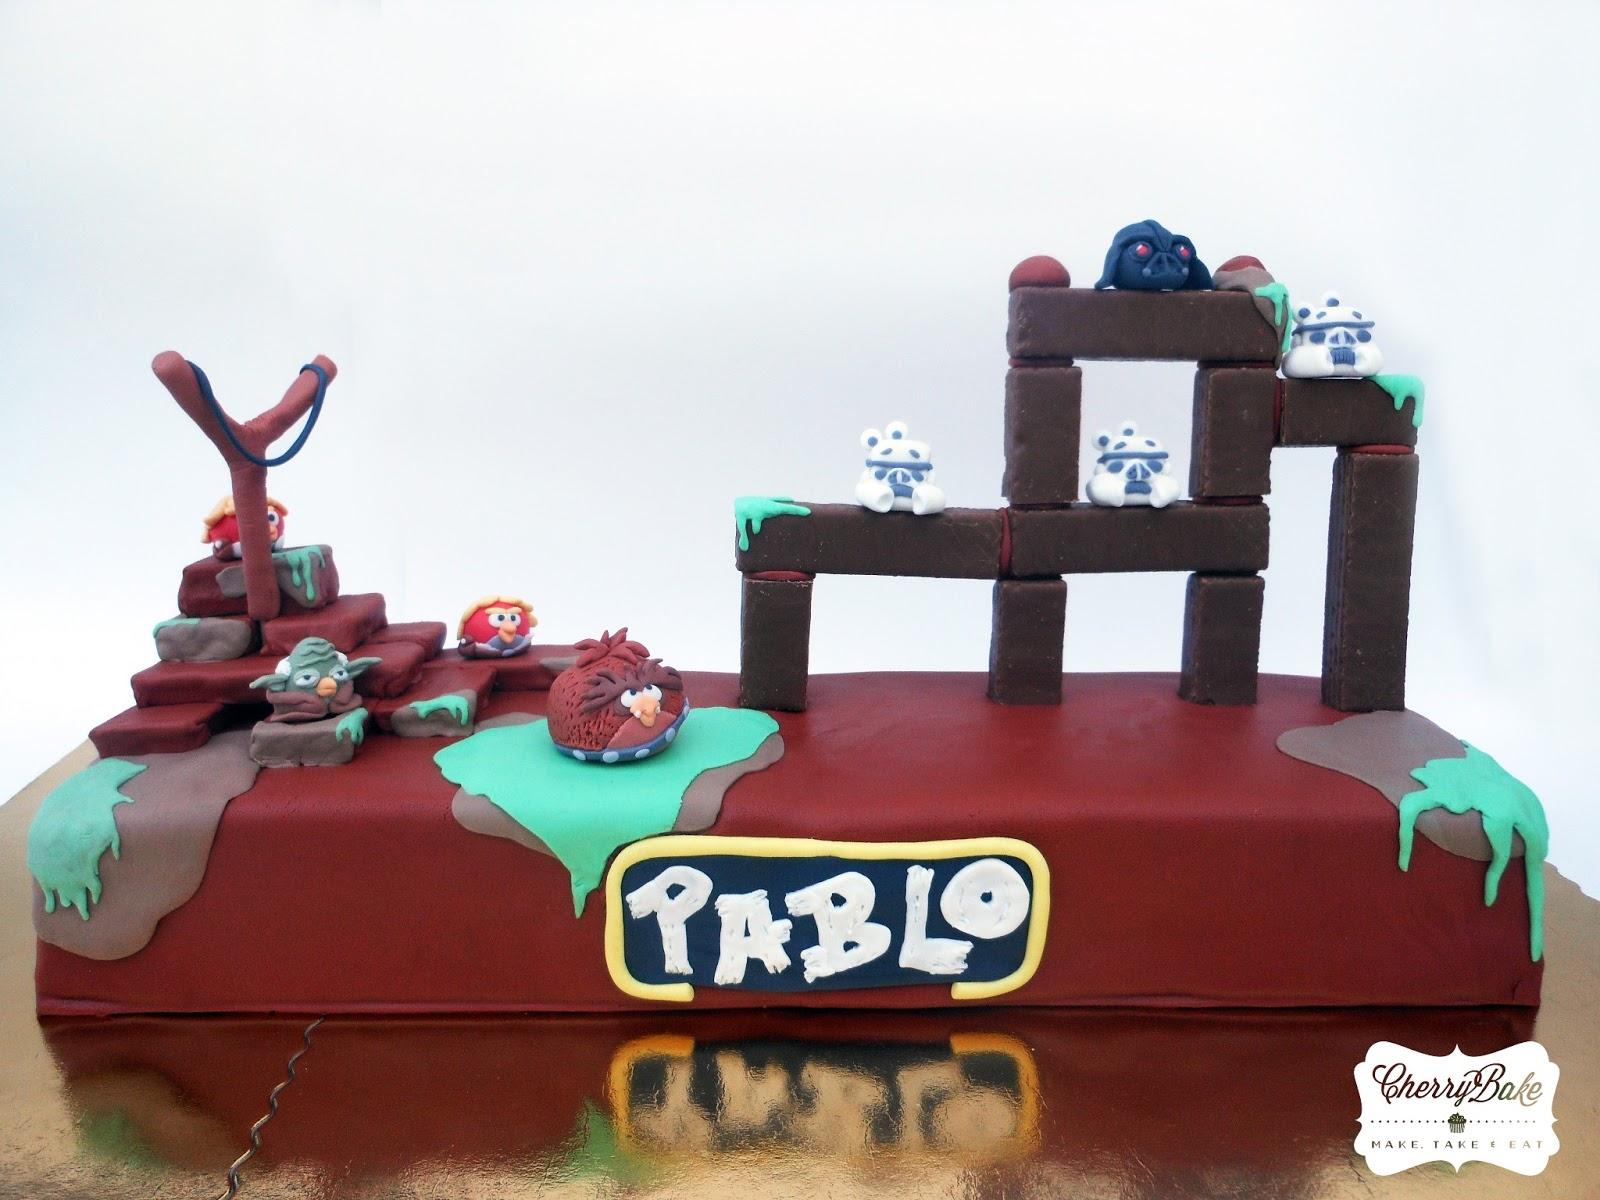 Cherrybake Angry Birds Star Wars Cake